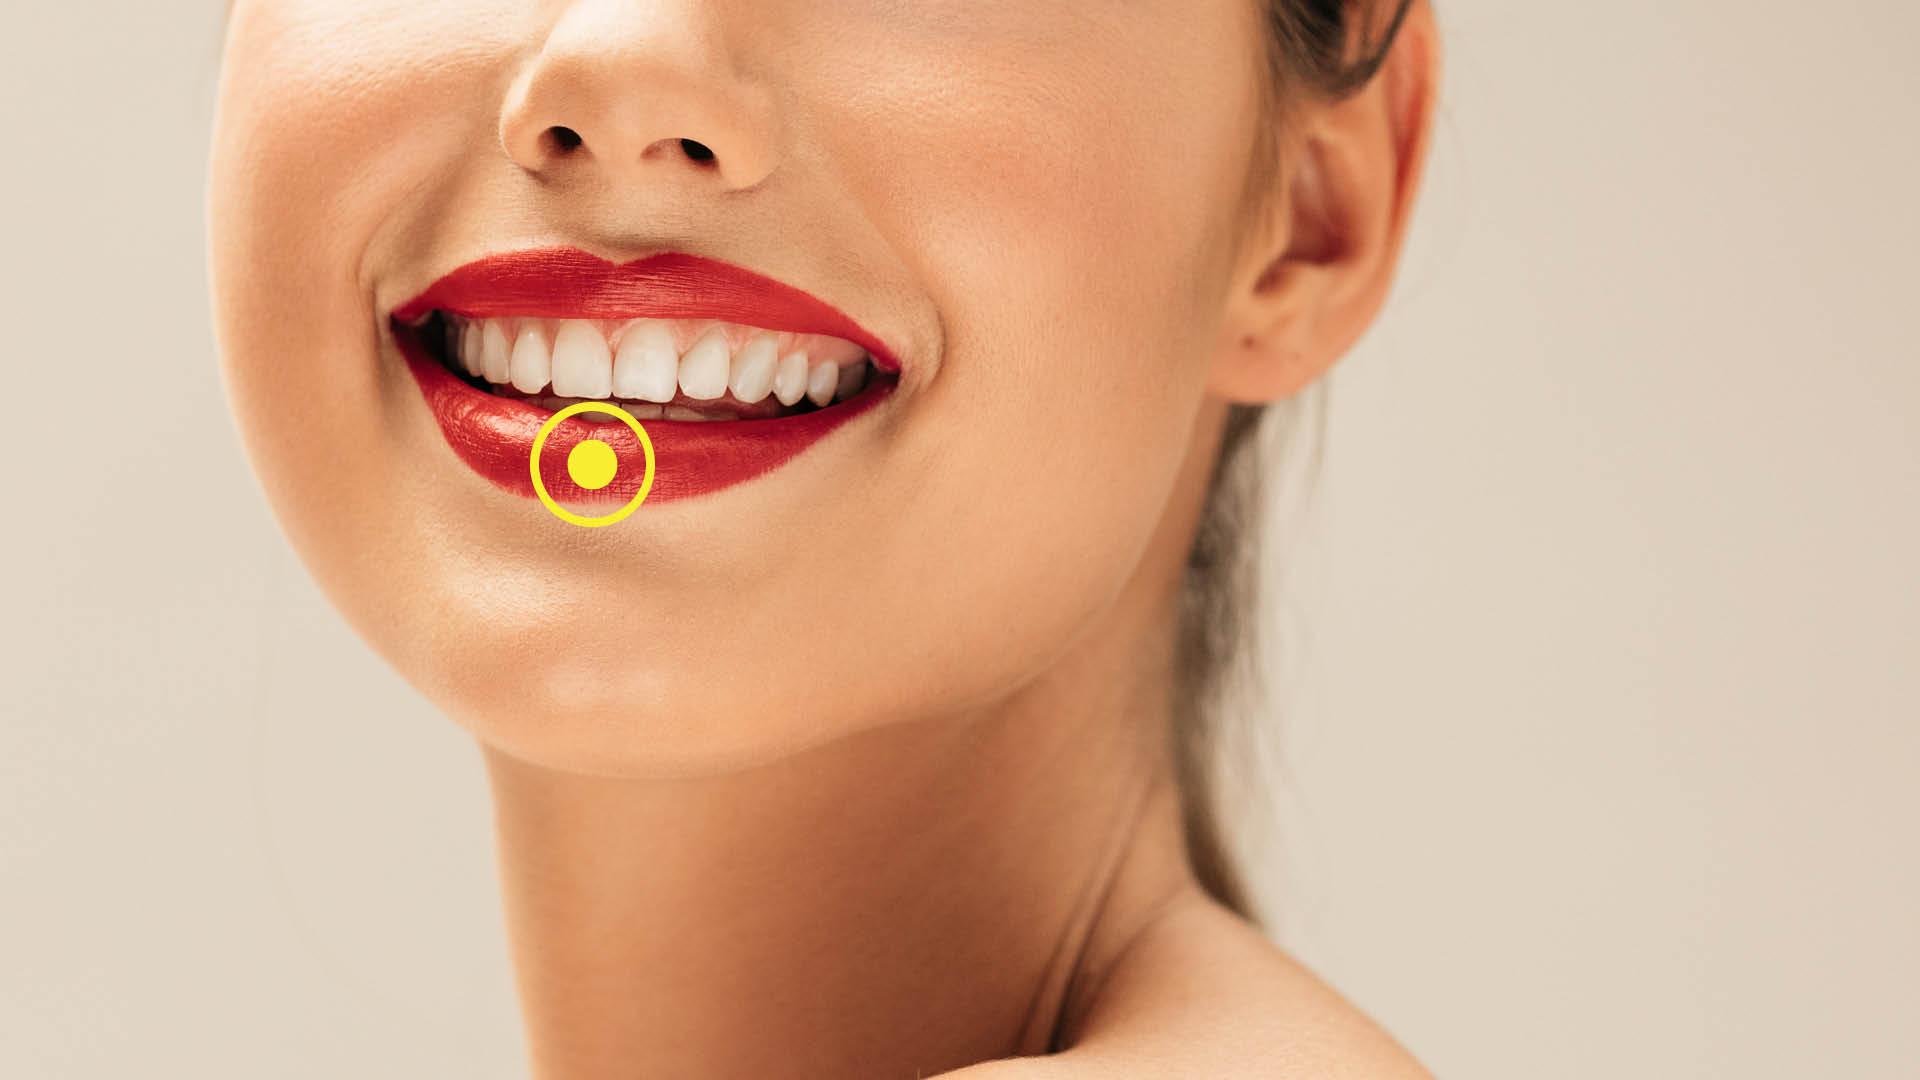 lips 1920x1080